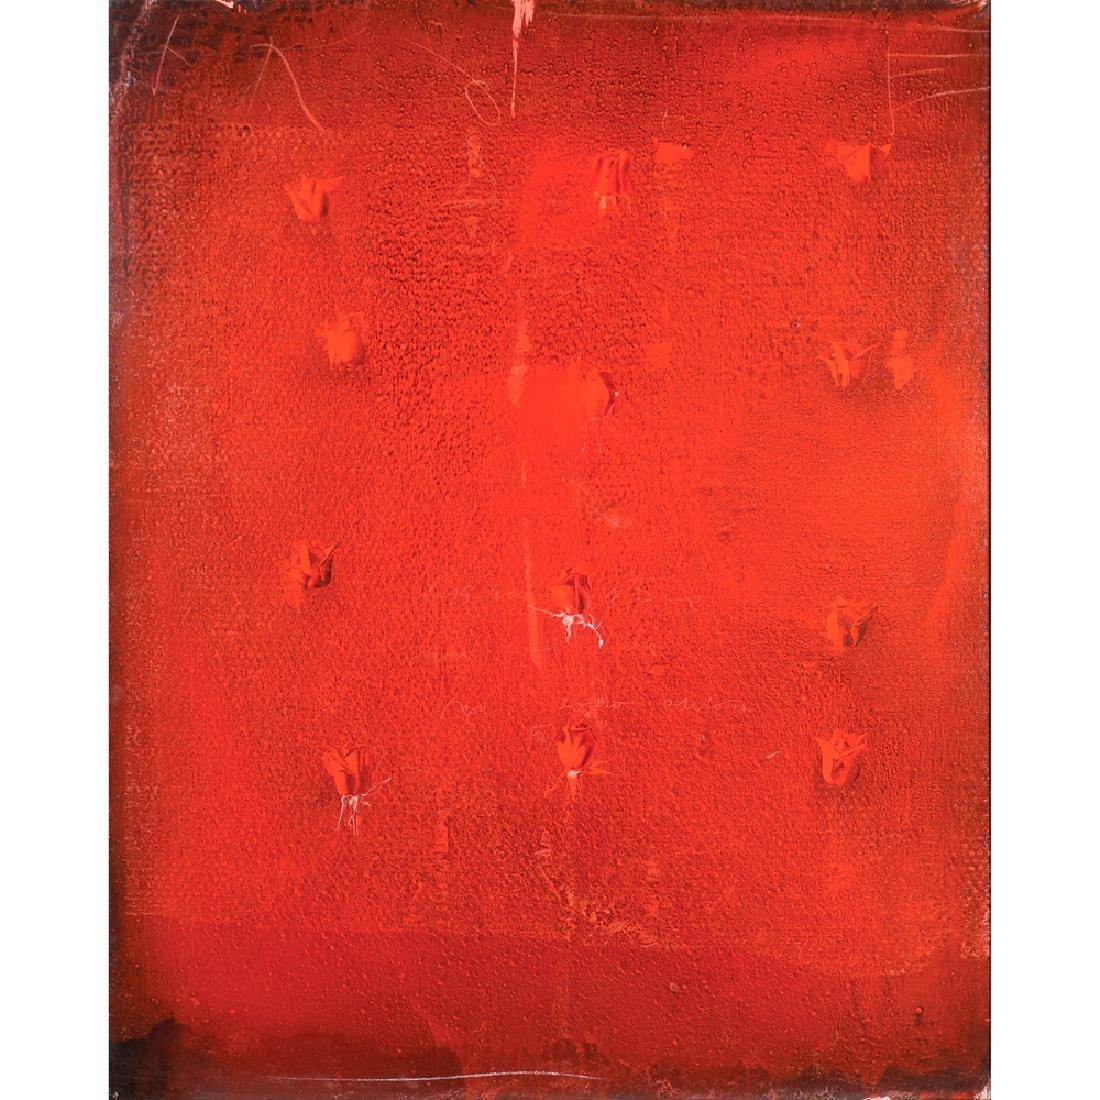 Mario Madiai Siena 1944 150x120 cm.